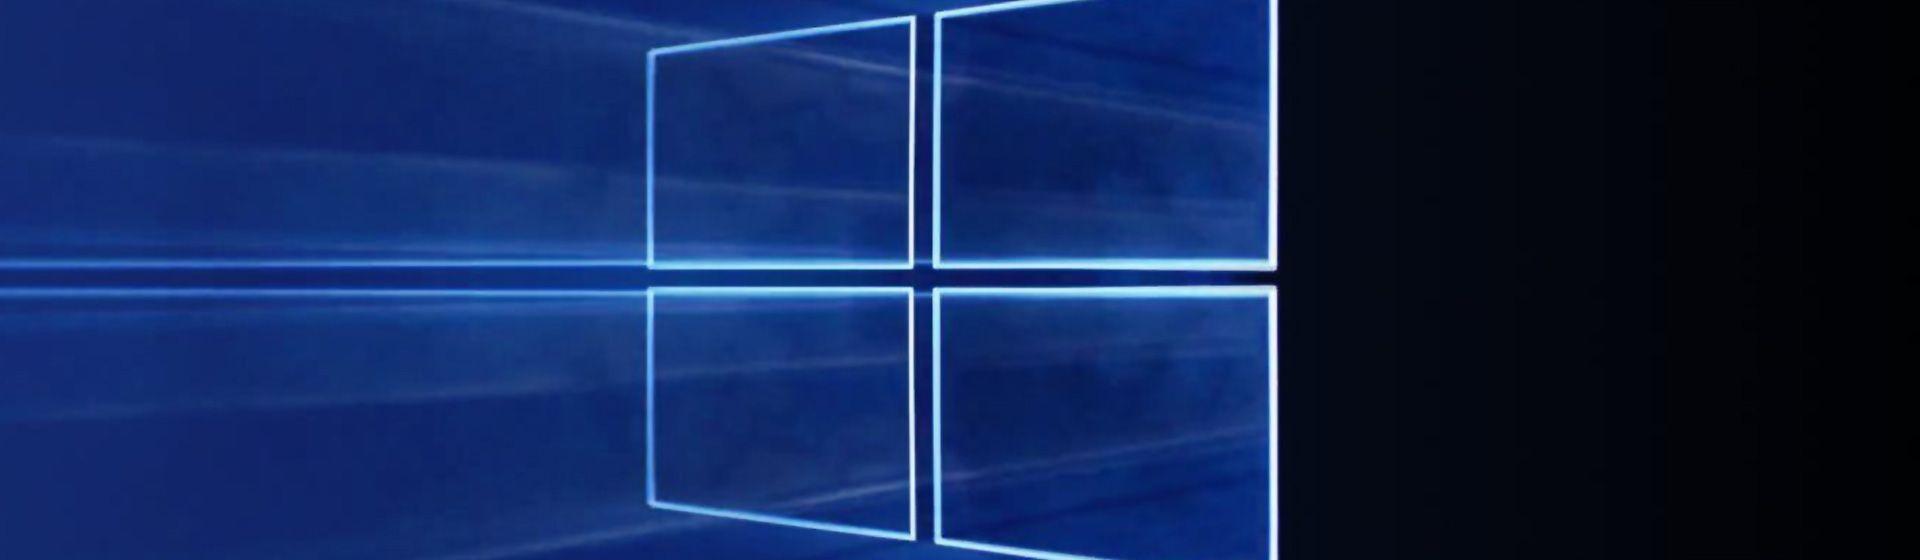 Como deixar o Windows 10 mais rápido? Dicas para acelerar o sistema